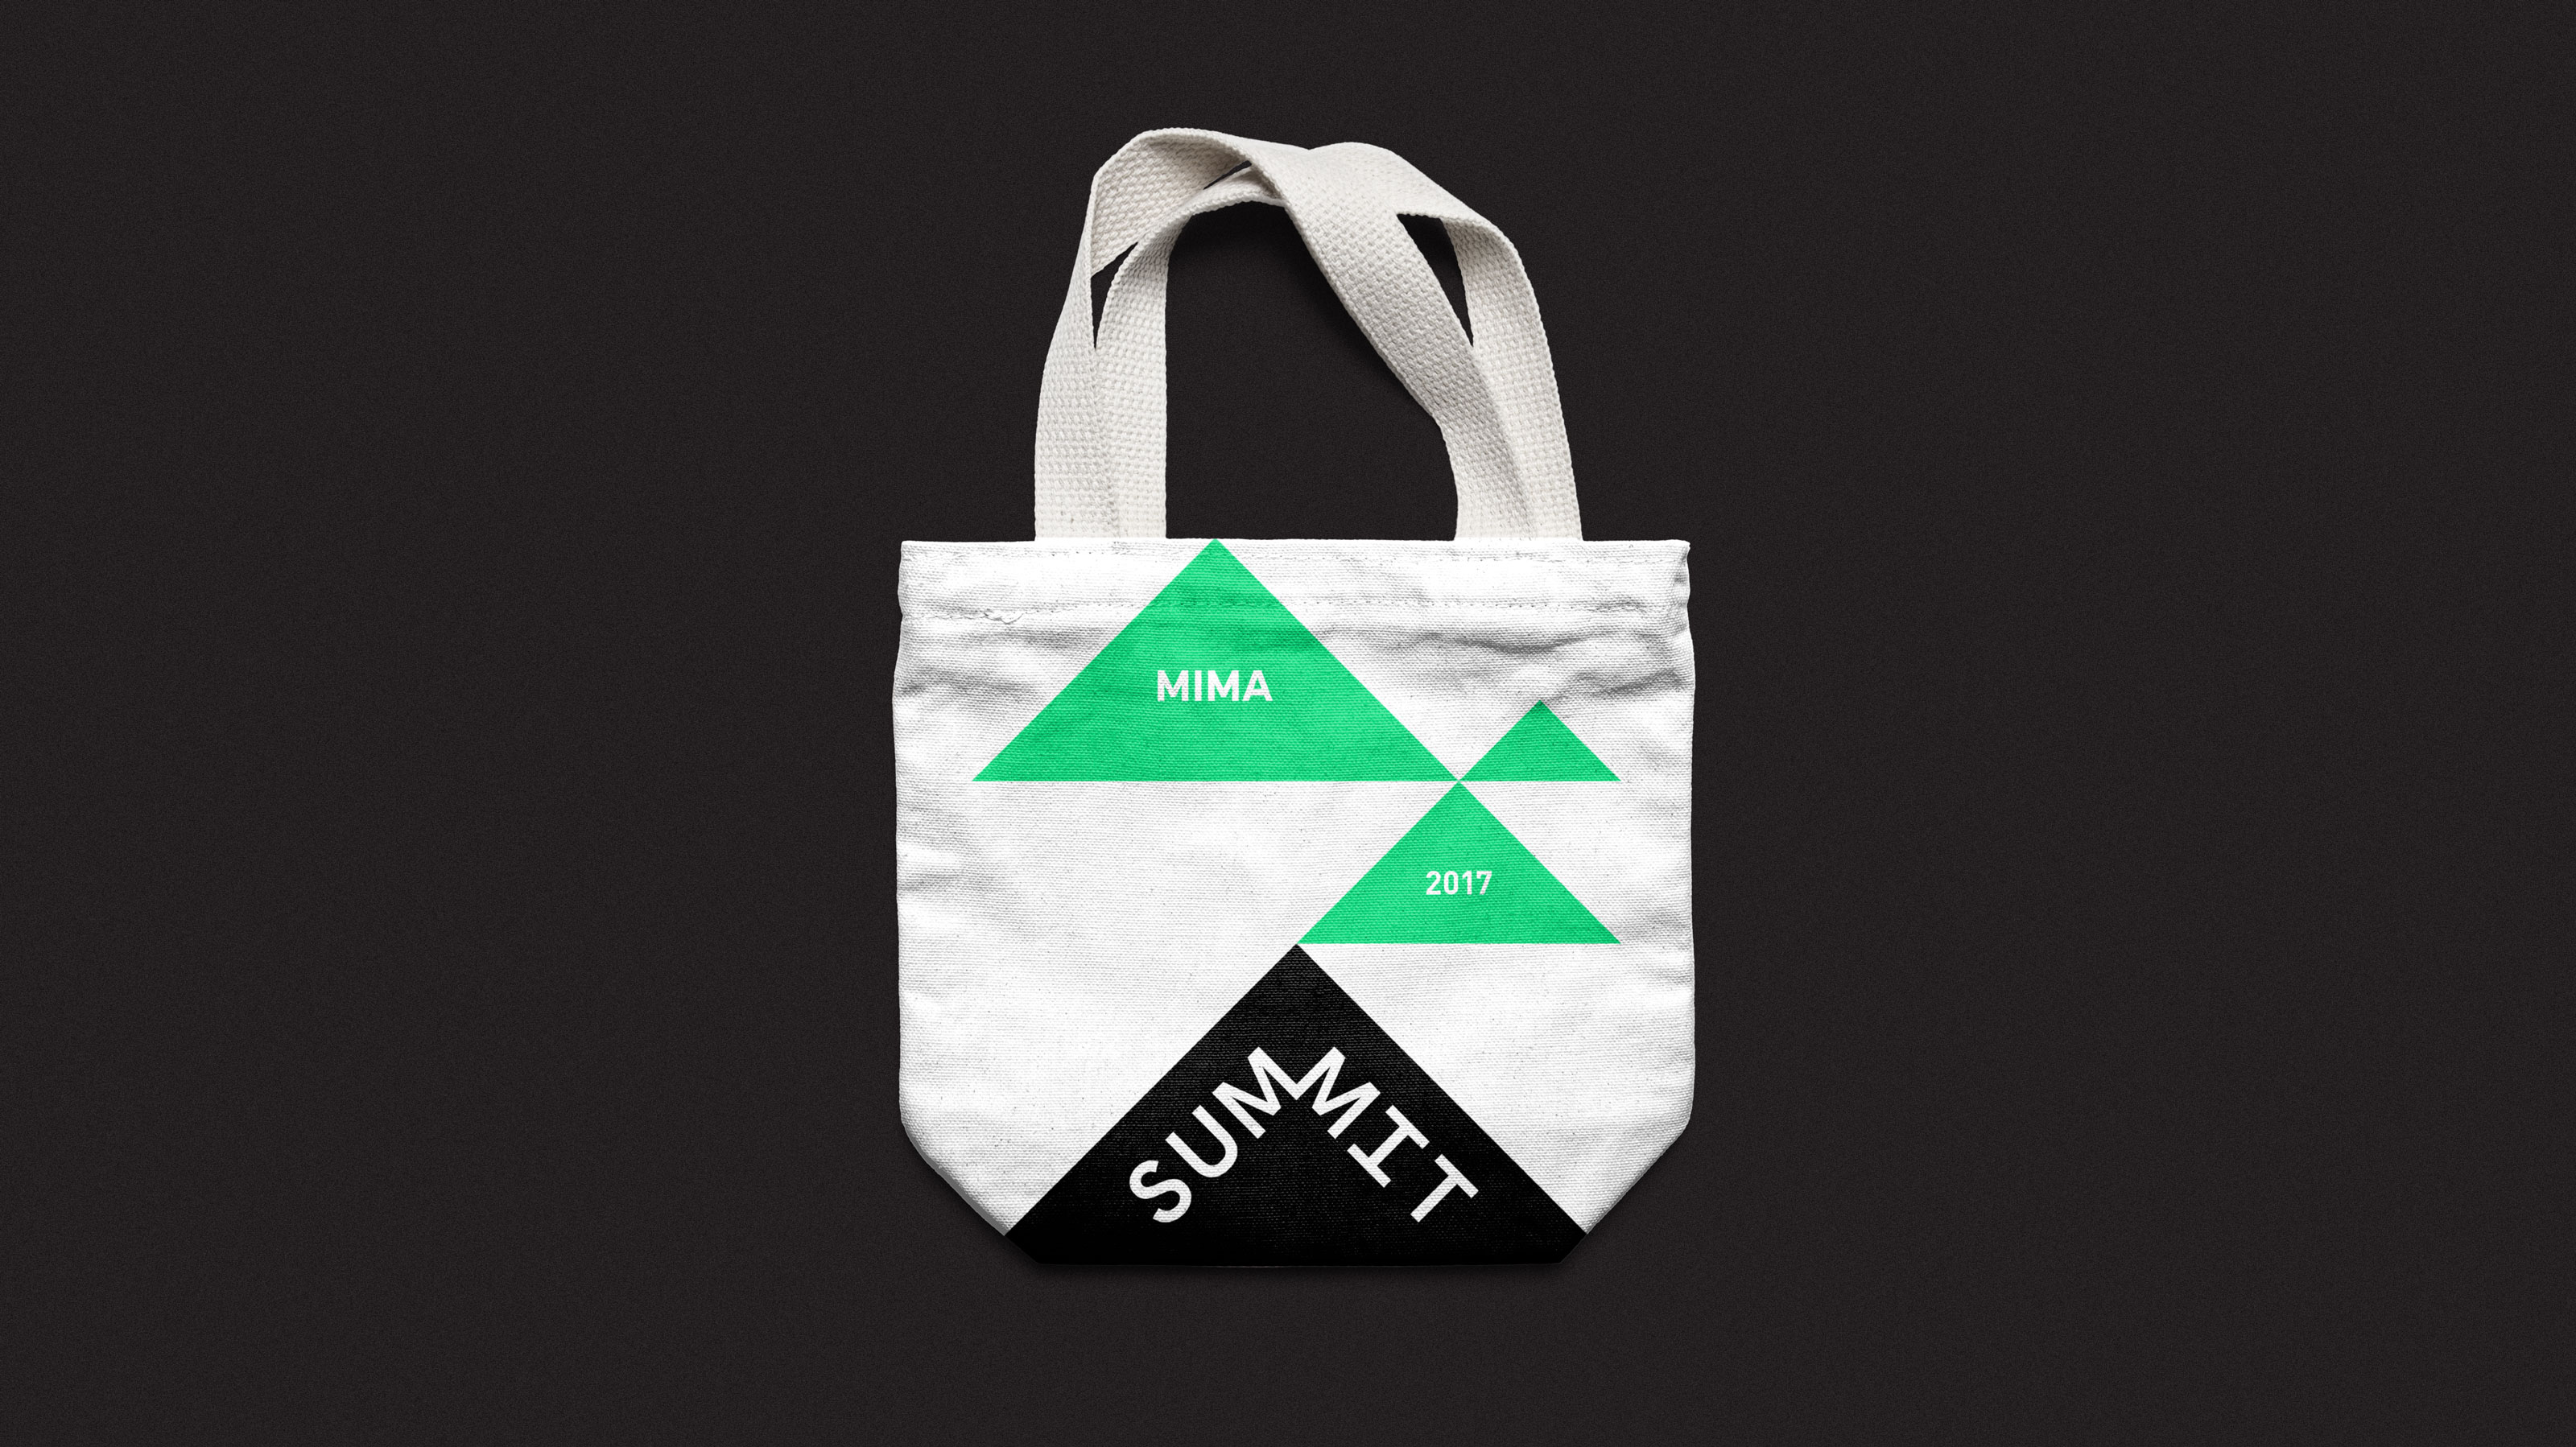 MIMA_Summit_Tote